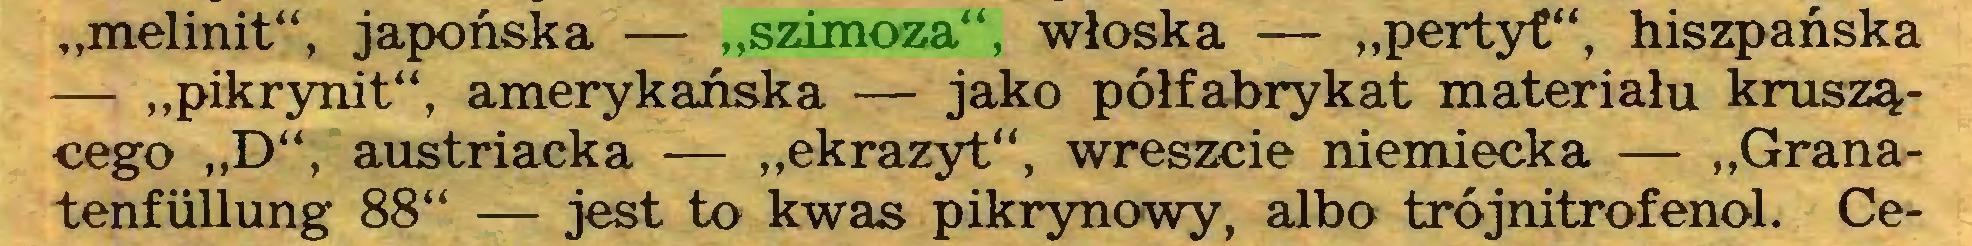 """(...) """"melinit"""", japońska — """"szimoza"""", włoska — """"pertyf"""", hiszpańska — """"pikrynit"""", amerykańska — jako półfabrykat materiału kruszącego """"D"""", austriacka — """"ekrazyt"""", wreszcie niemiecka — """"Granatenfiillung 88"""" — jest to kwas pikrynowy, albo trójnitrofenol. Ce..."""